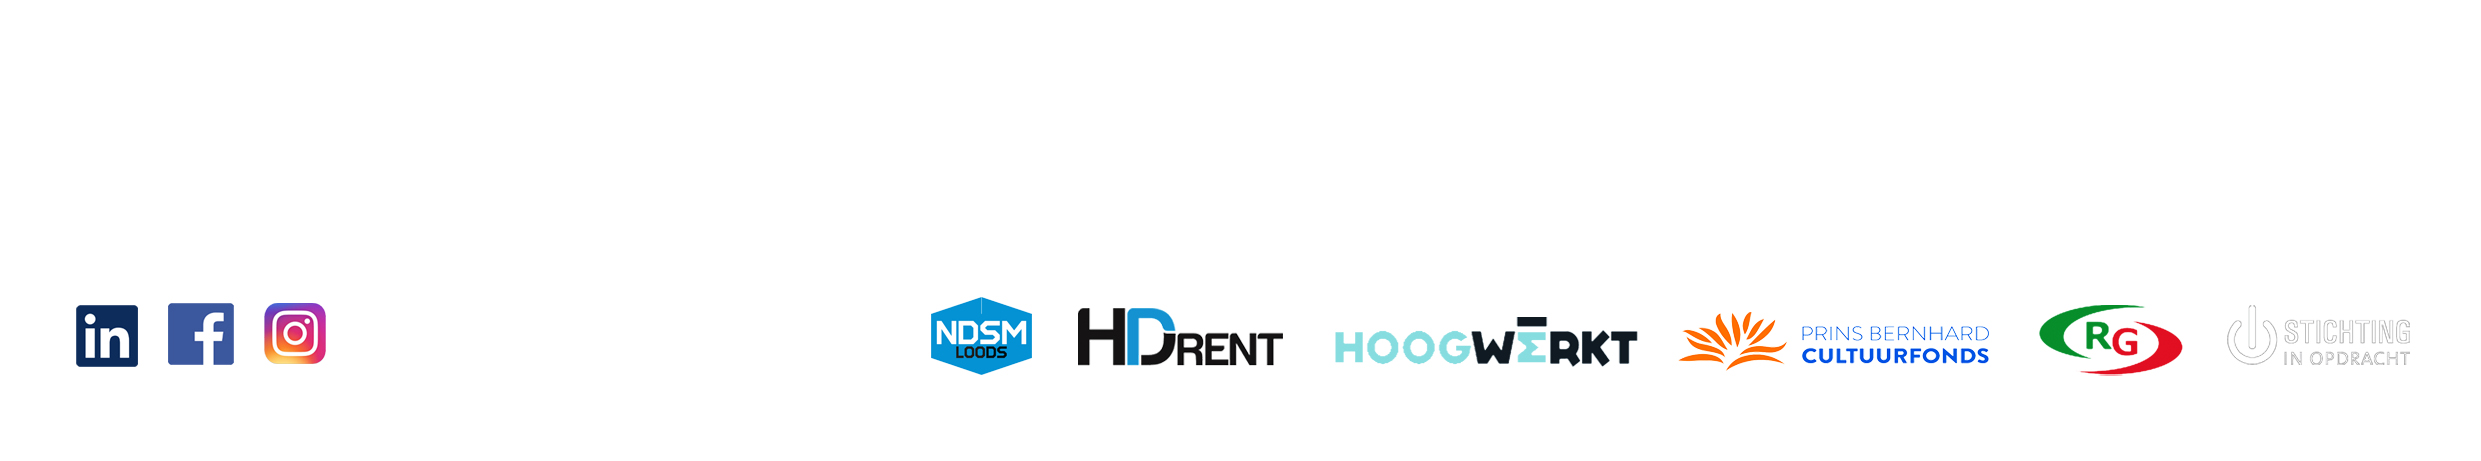 Logos voor site